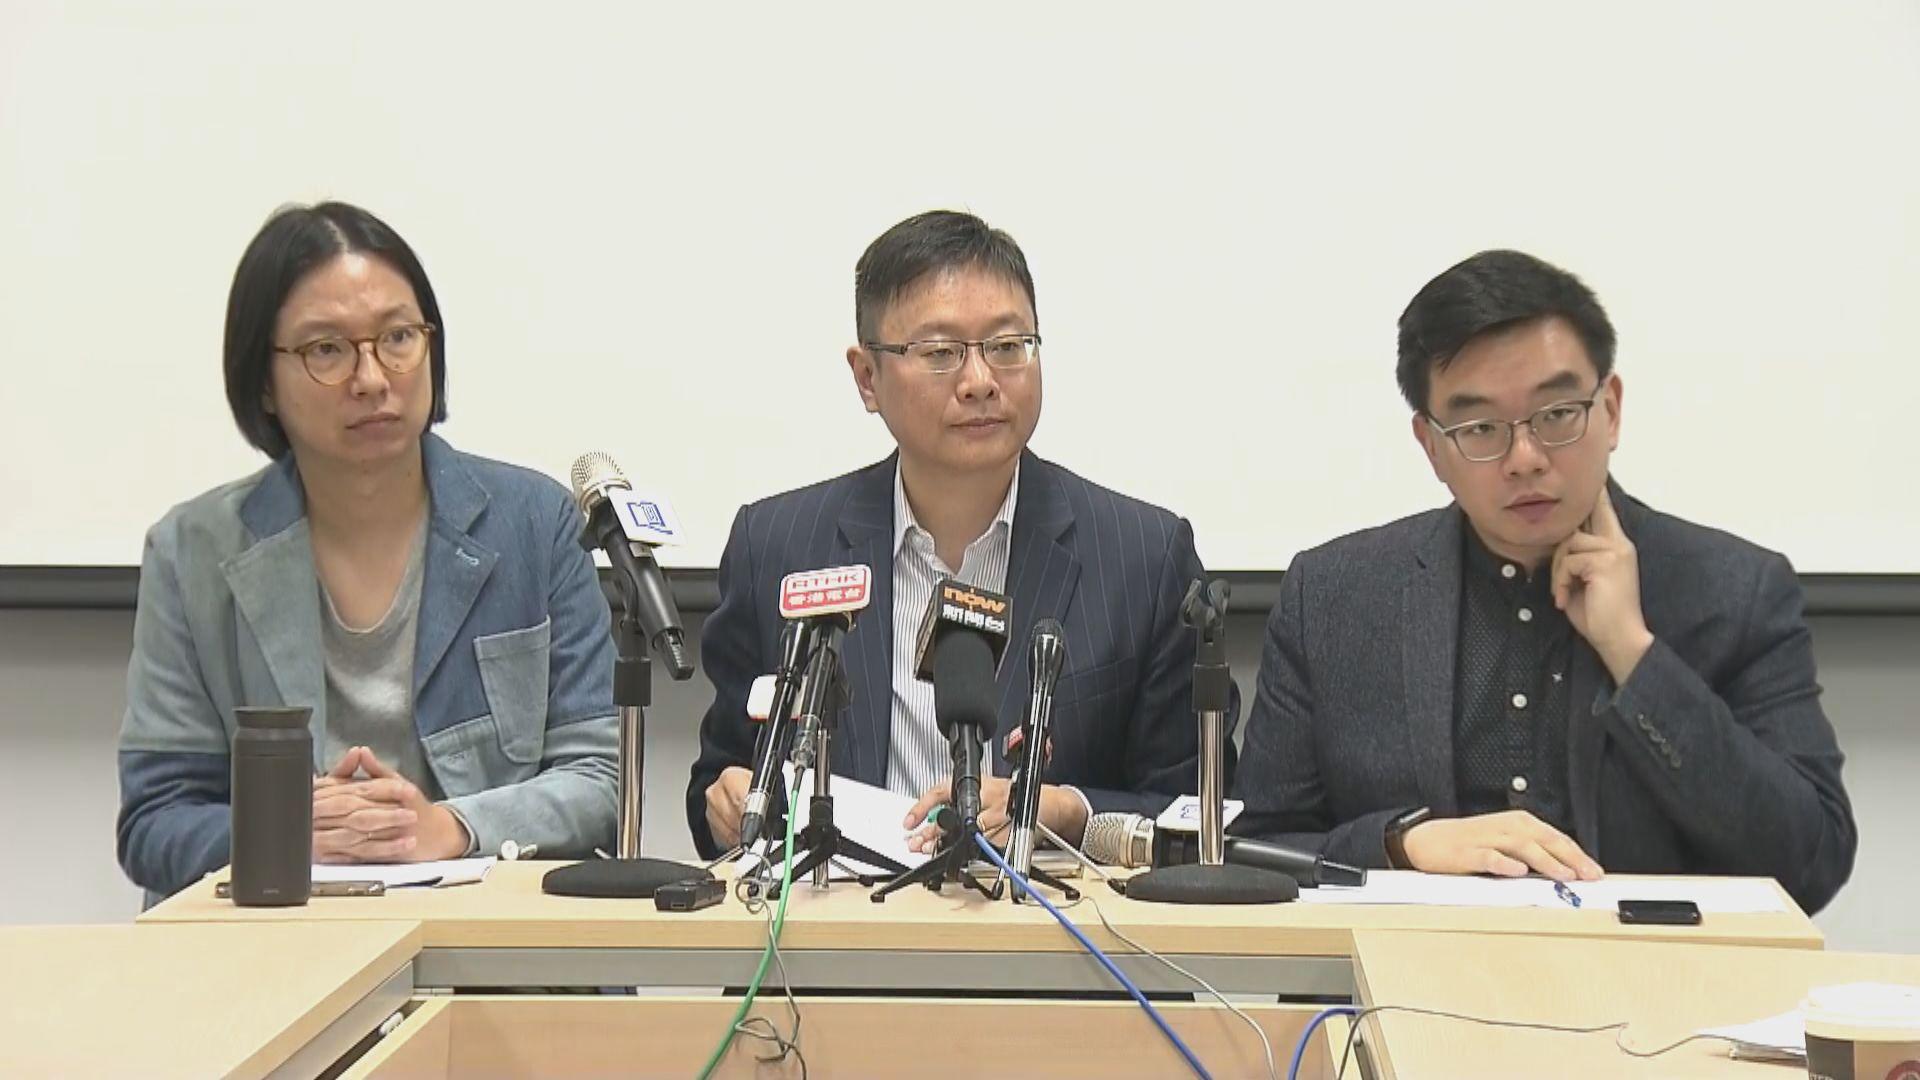 選舉監察計劃籲政府作措施保障區選如常進行